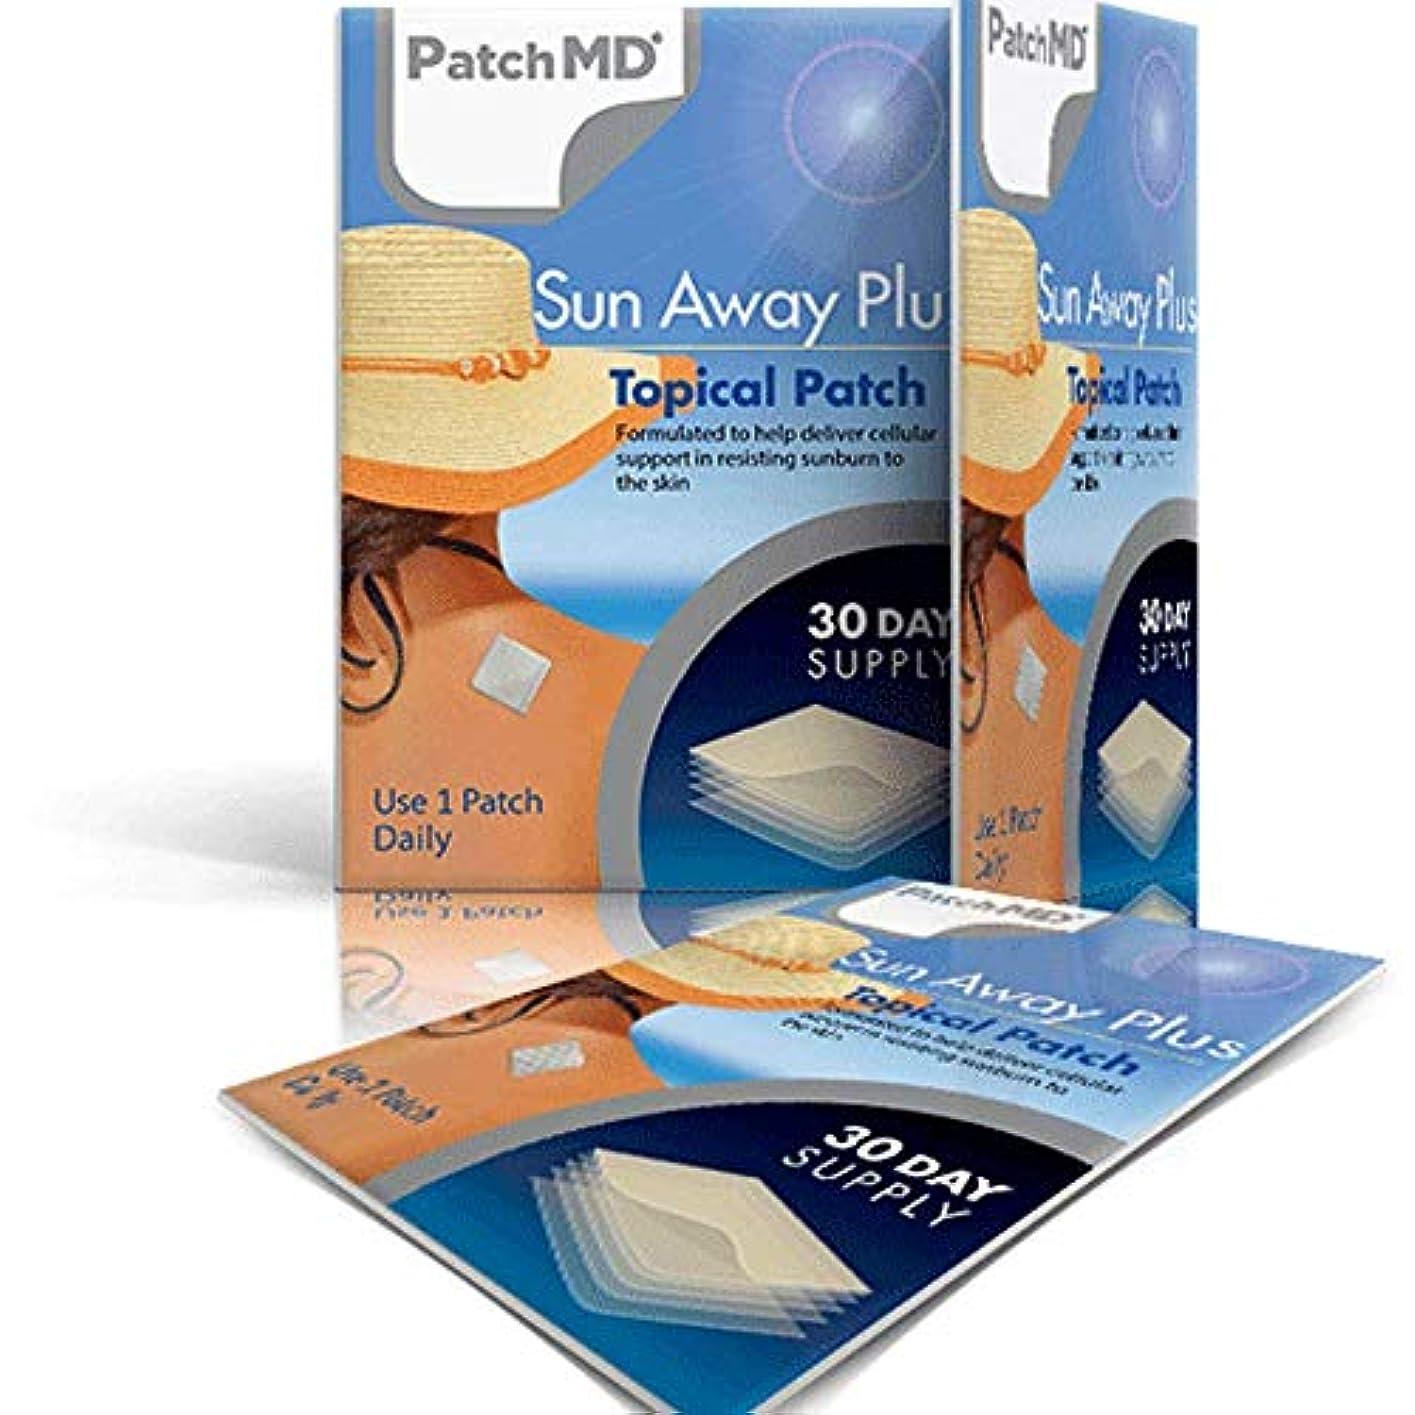 可能にする大胆なに同意するパッチMD サンアウェイプラス 30パッチ 1袋 Sun Away Plus Topical Patch